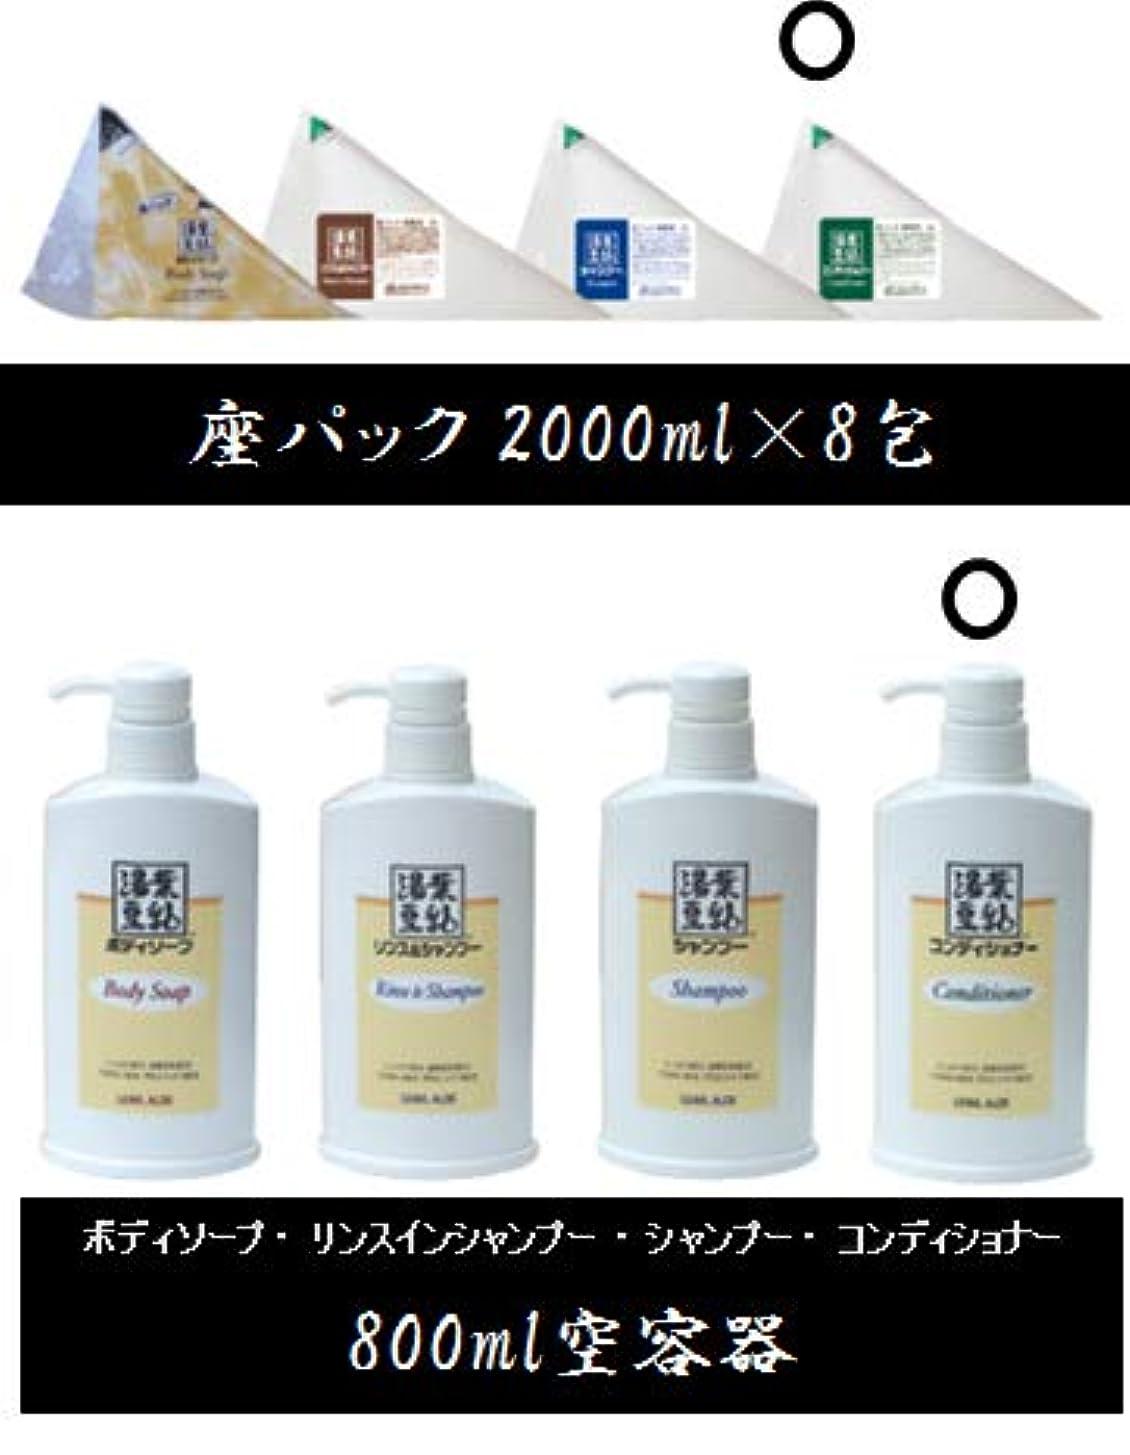 アルネスチール上院フタバ化学 湯葉豆乳コンディショナー 16L詰め替え(2Lパック×8包) 800ml空容器付